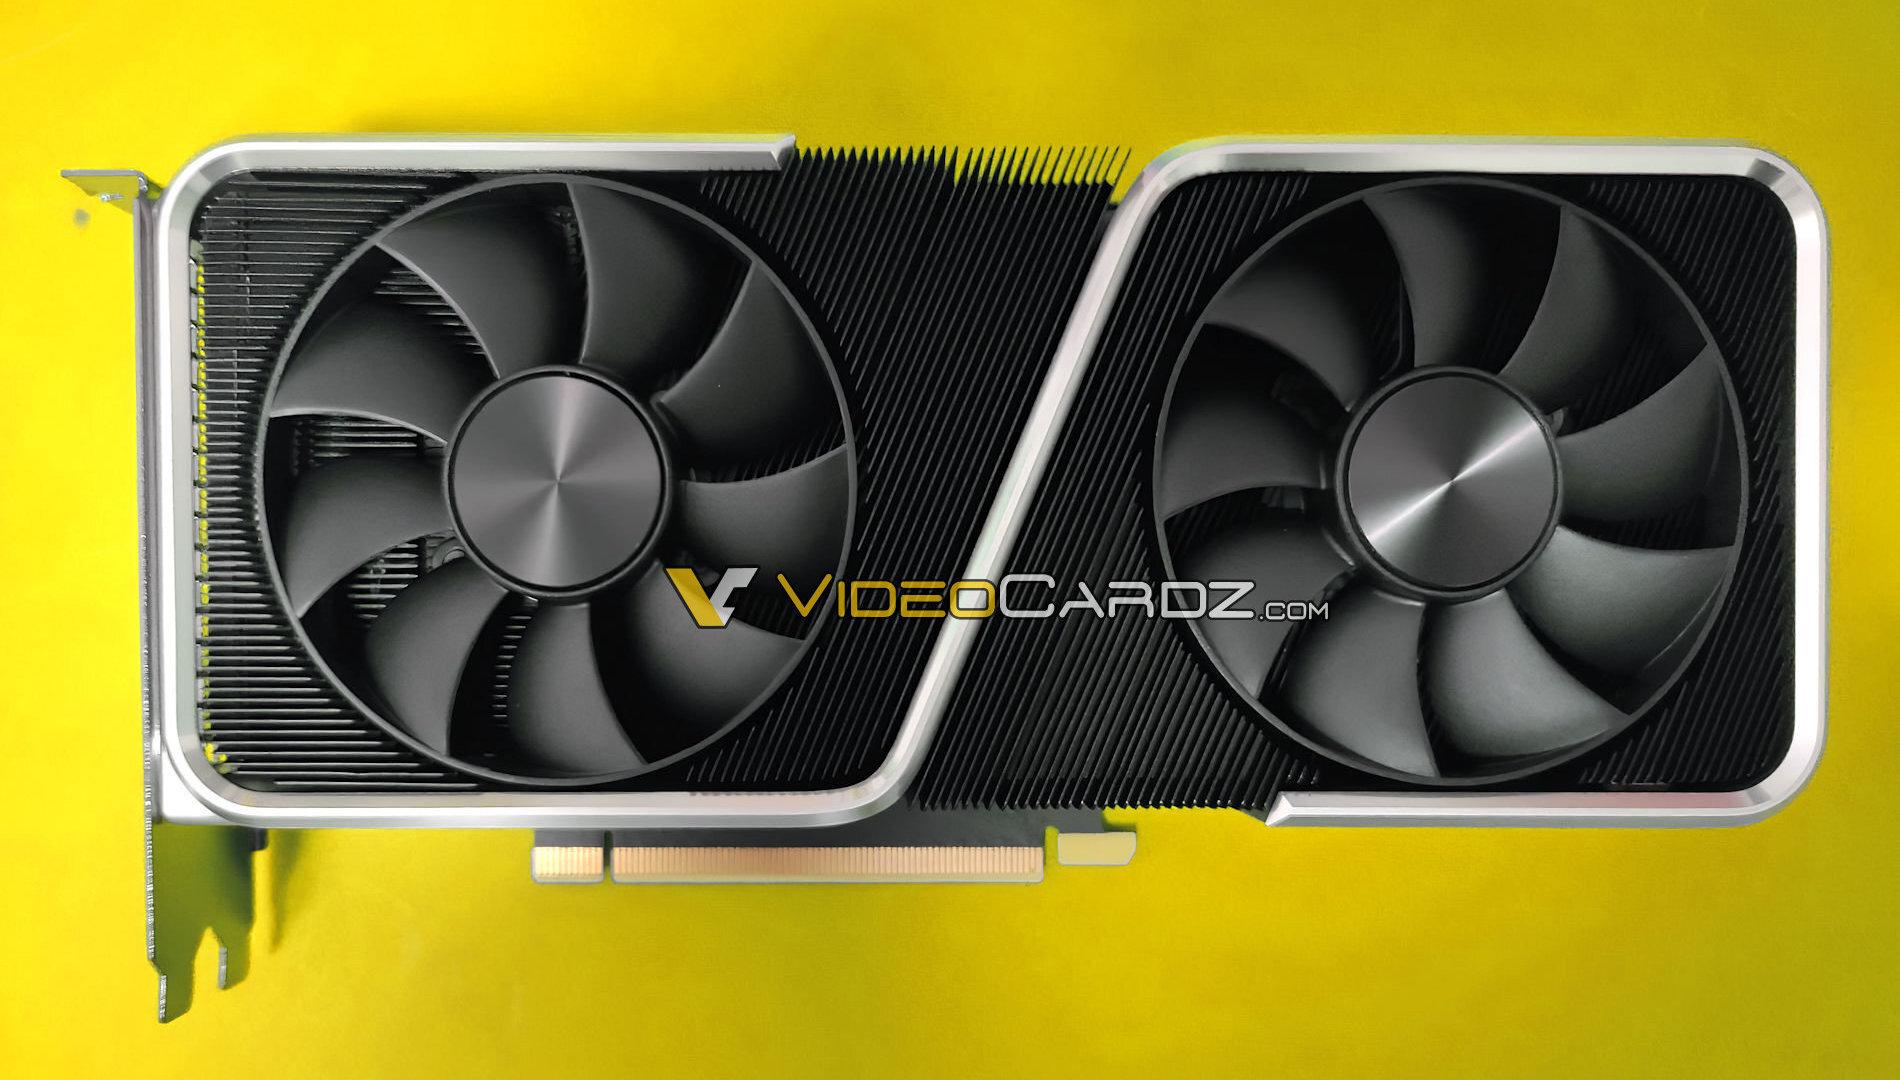 Раскрыт внешний вид доступной видеокарты NVIDIA GeForce RTX 3060 Ti